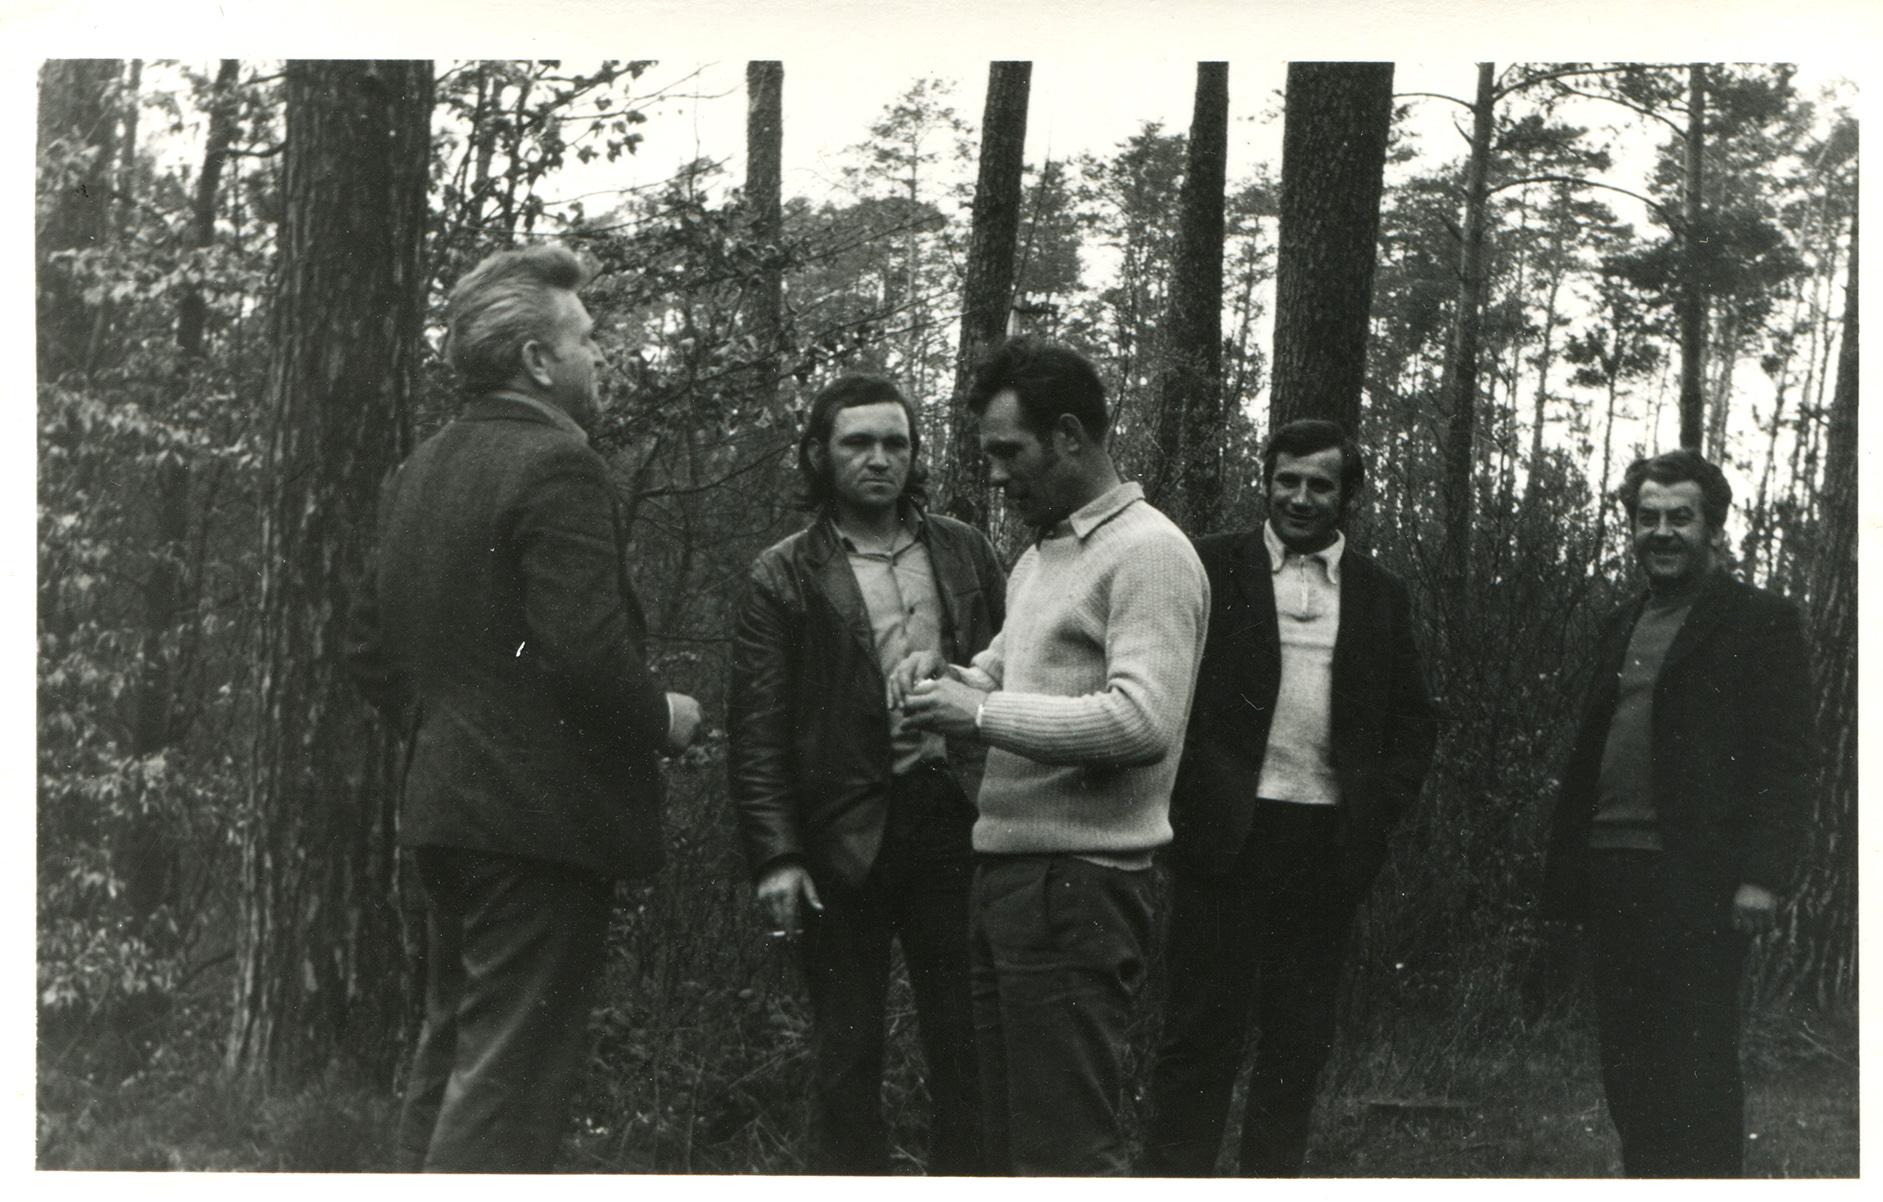 Latem w mieście - Z kolegami w lesie